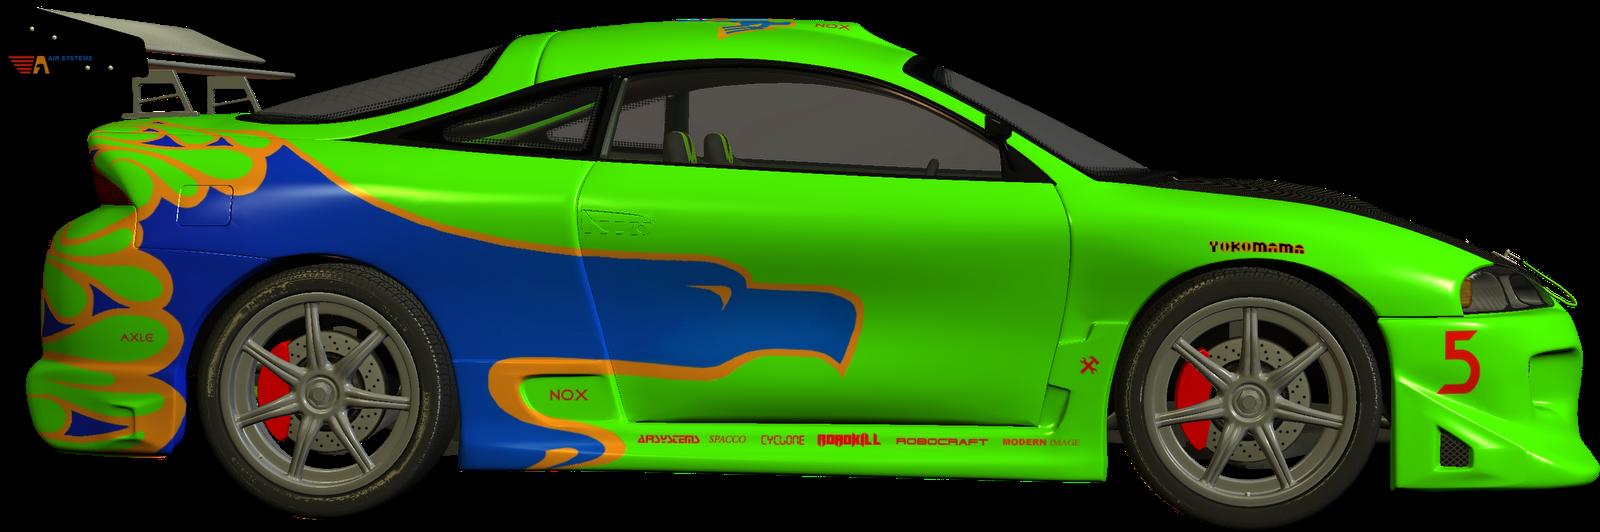 1600x532 Cartoon Race Car Clipart